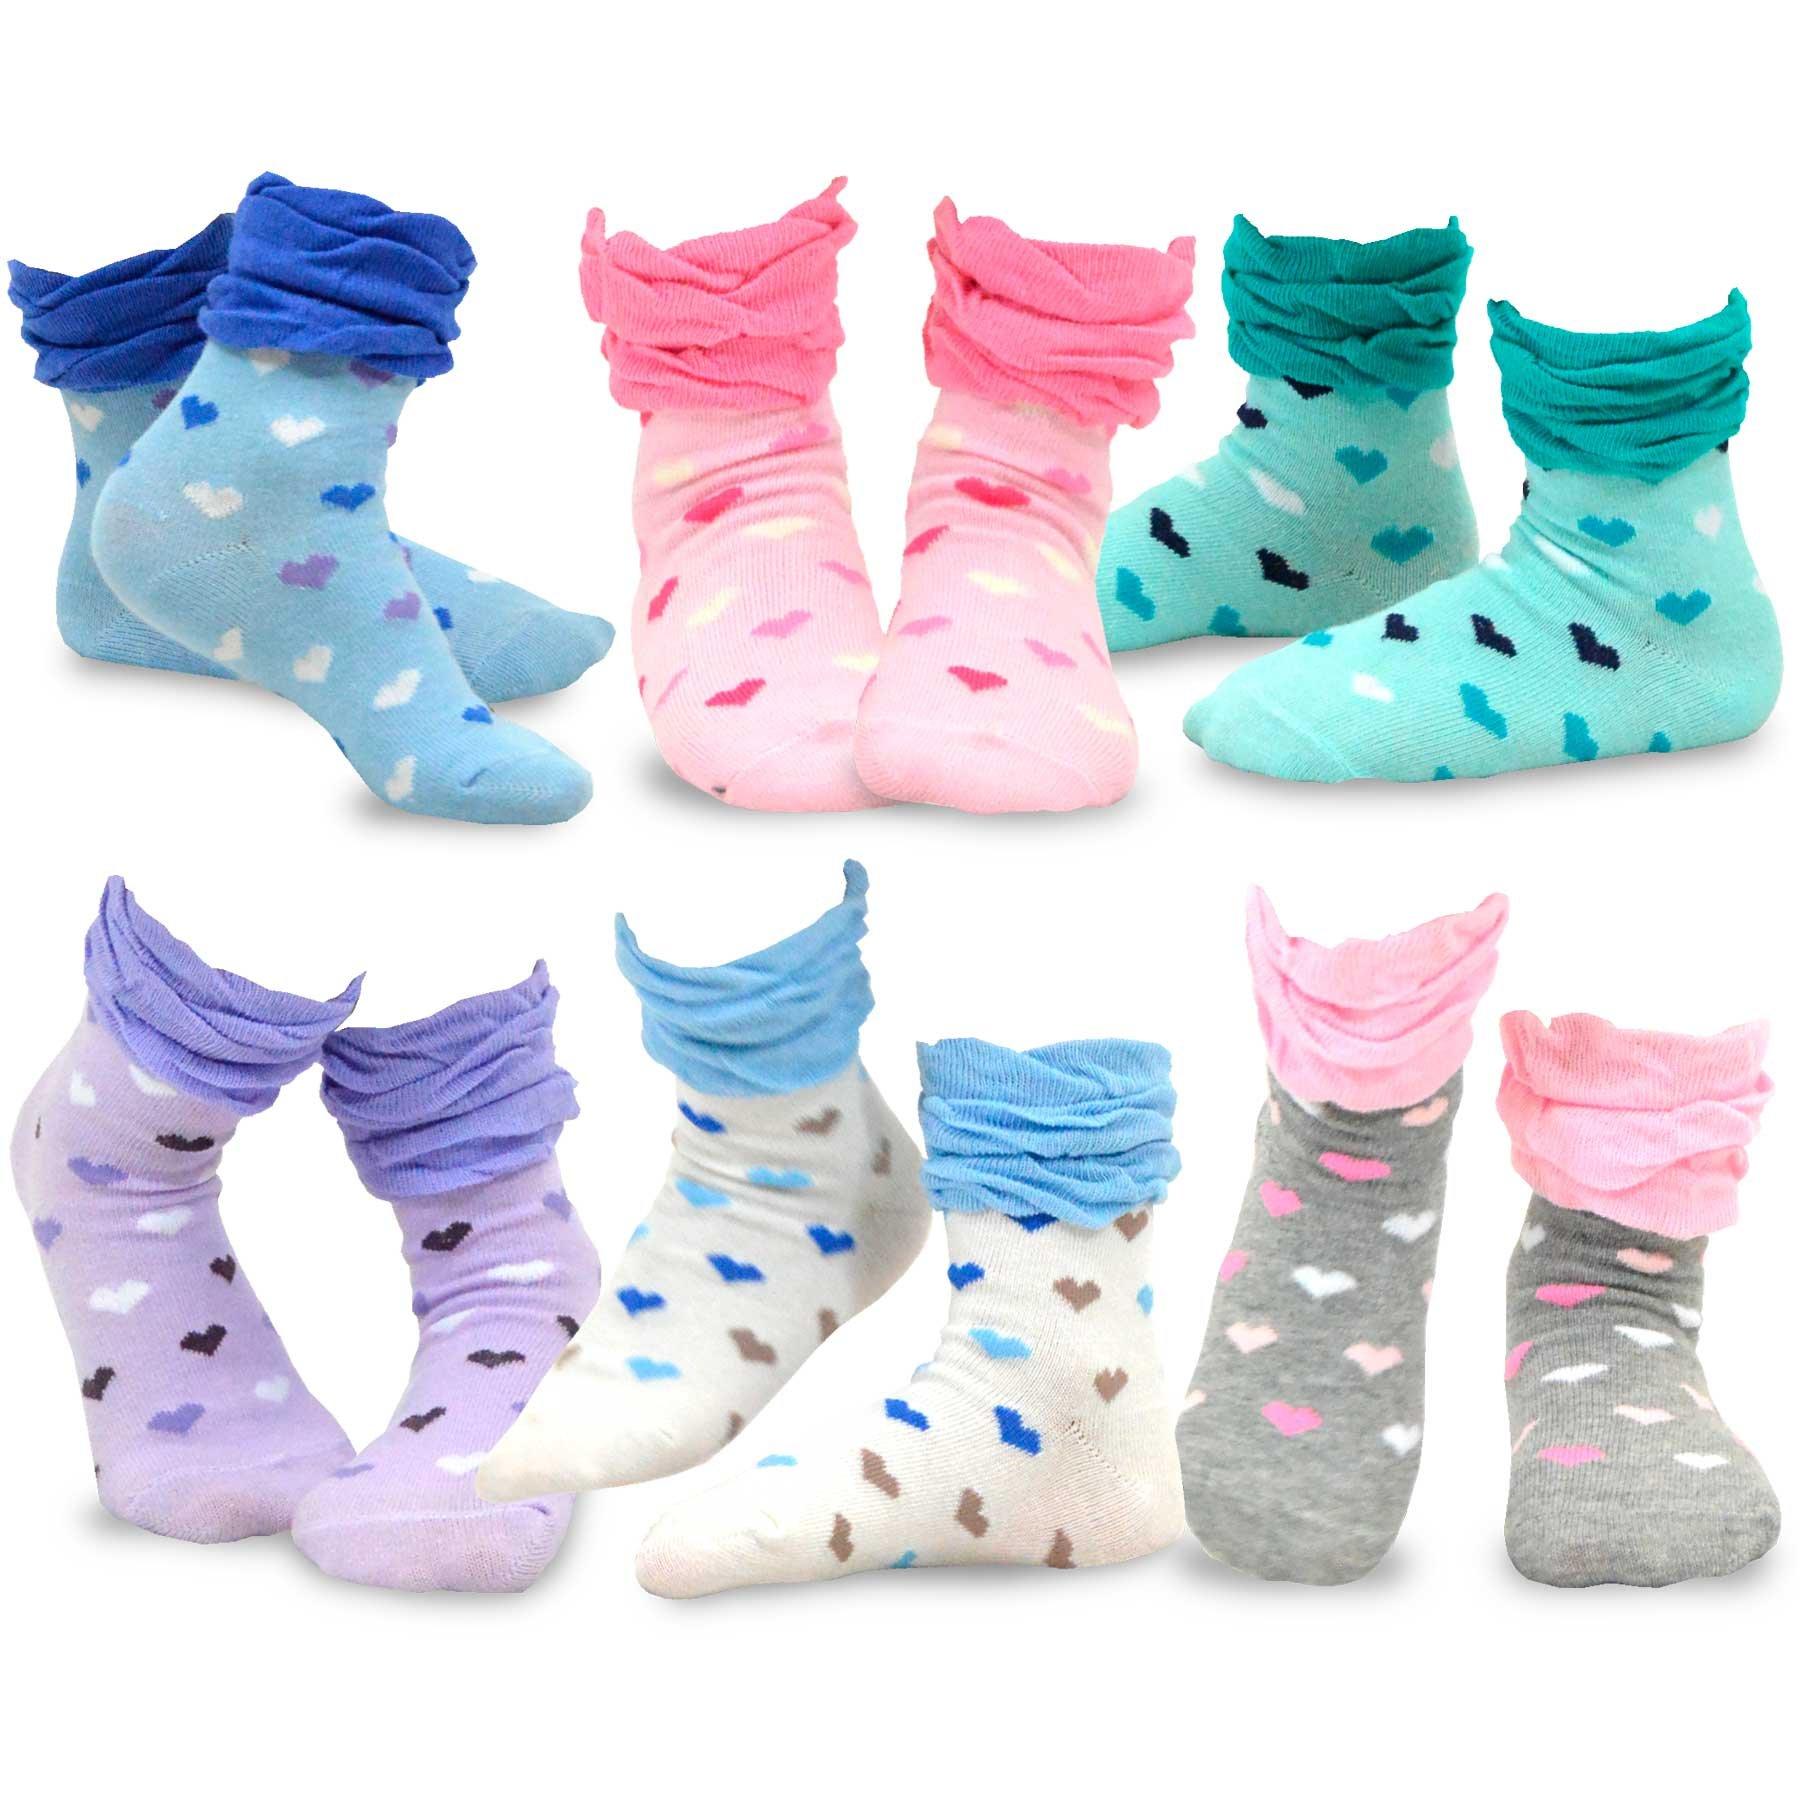 TeeHee (Naartjie) Kids Girls Cotton Basic Crew Socks 6 Pair Pack